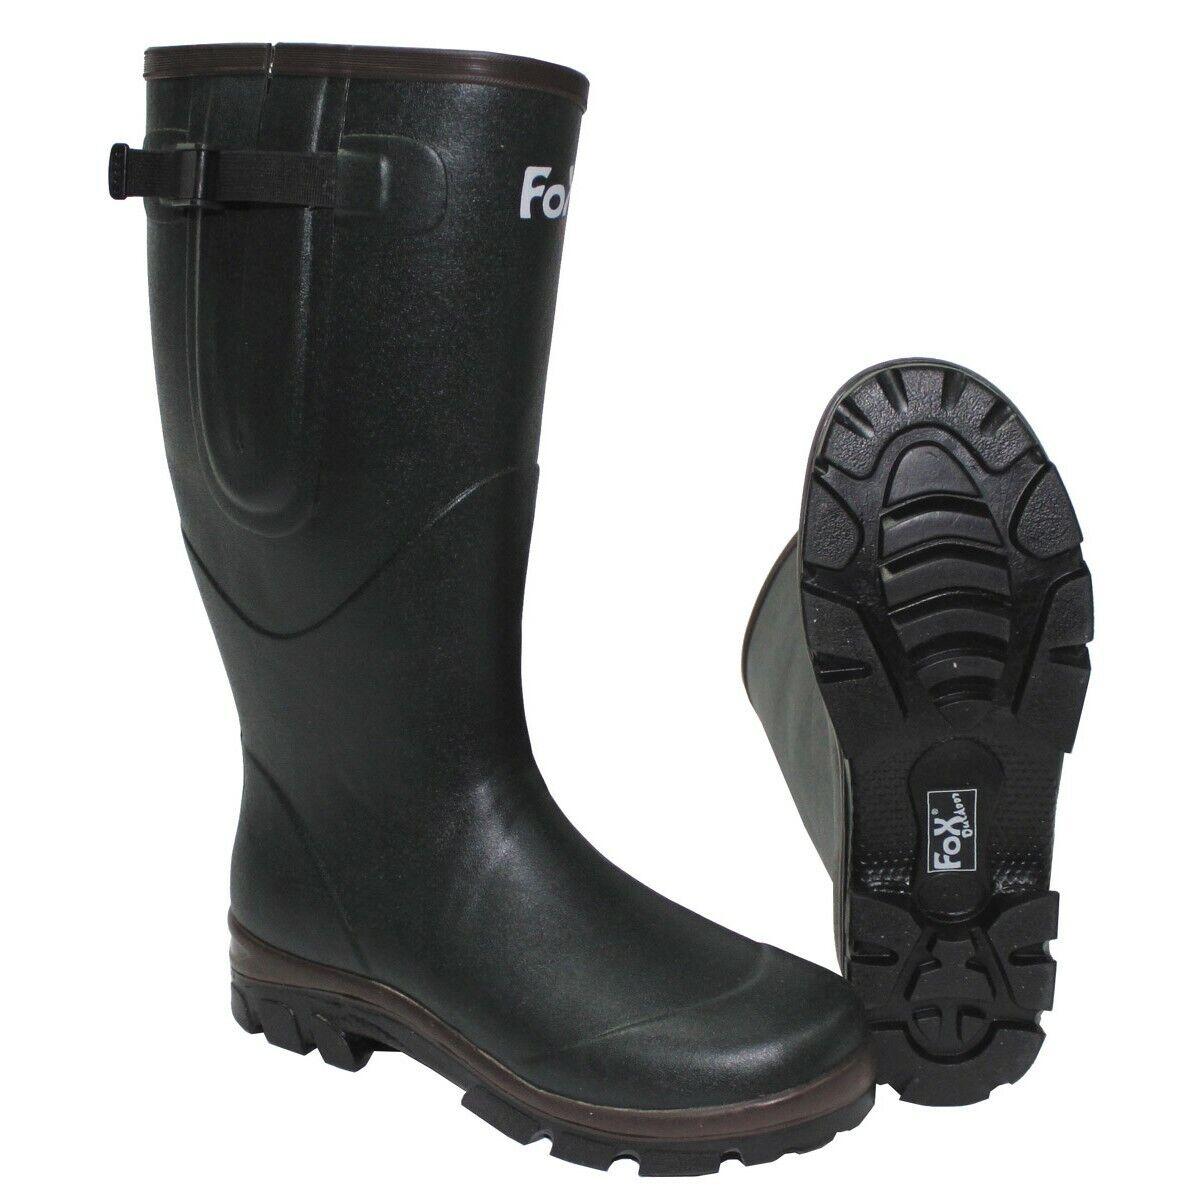 Fox botas  de goma verde oliva neopreno alimentación Al aire libre botas falleció. tamaños nuevo  estar en gran demanda